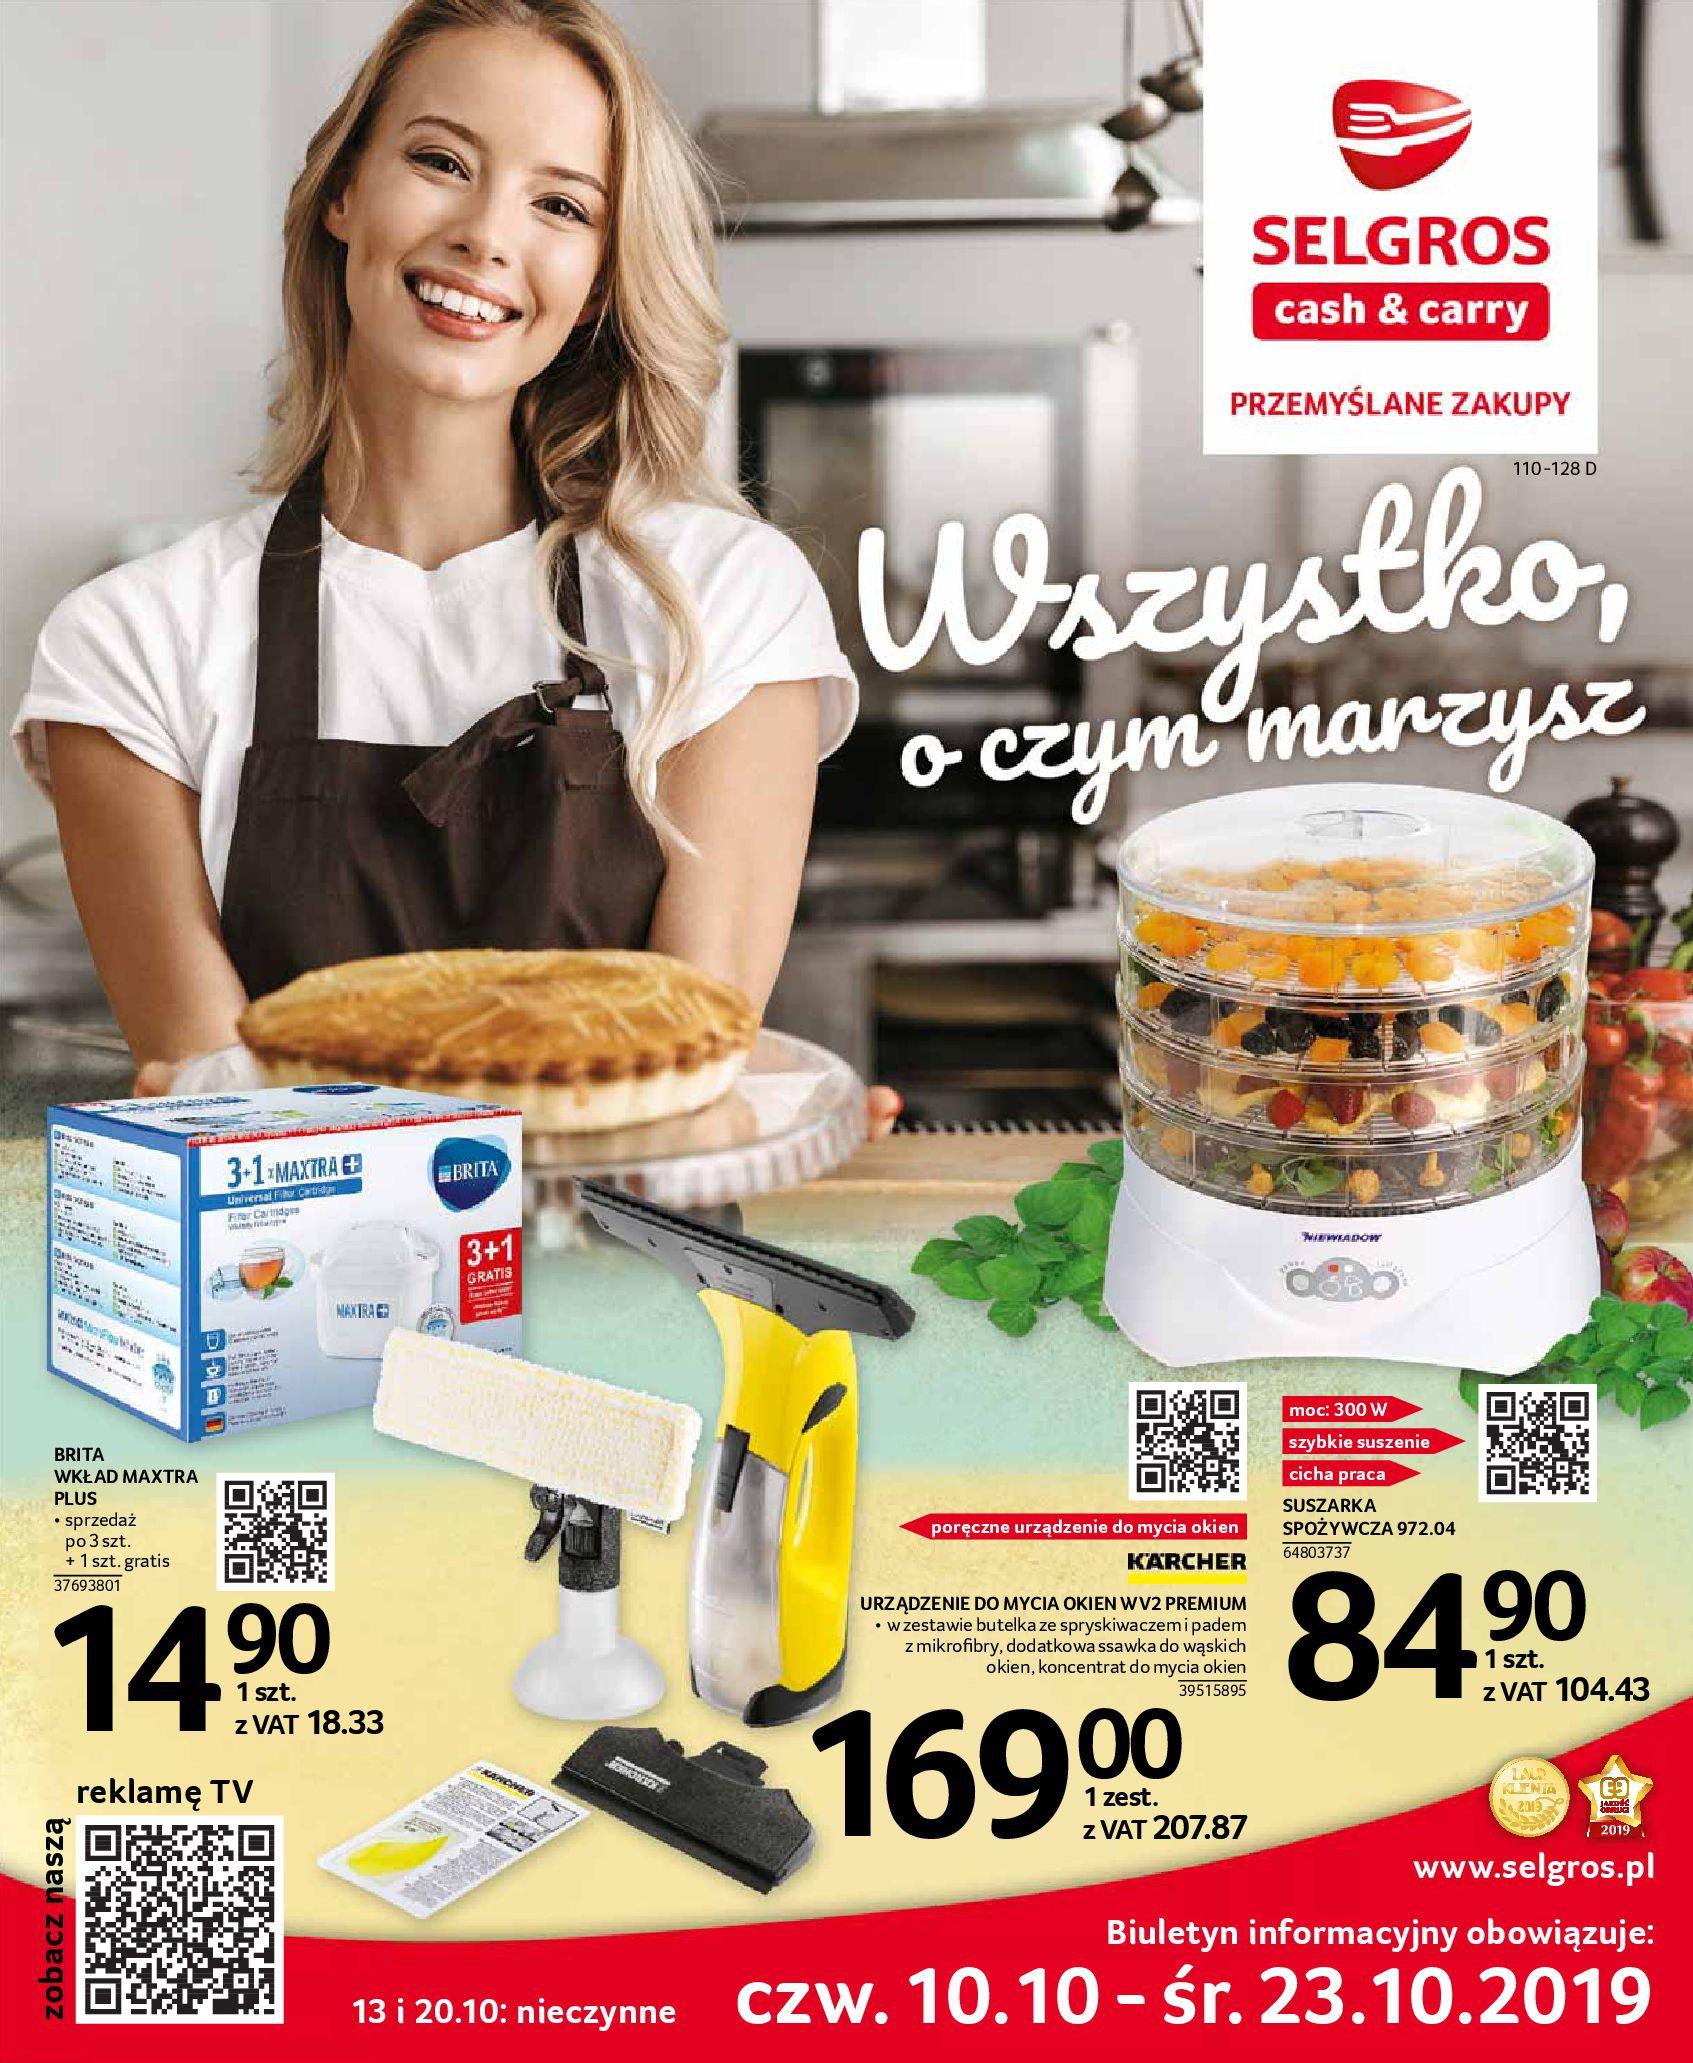 Gazetka Selgros - Oferta przemysłowa-09.10.2019-23.10.2019-page-